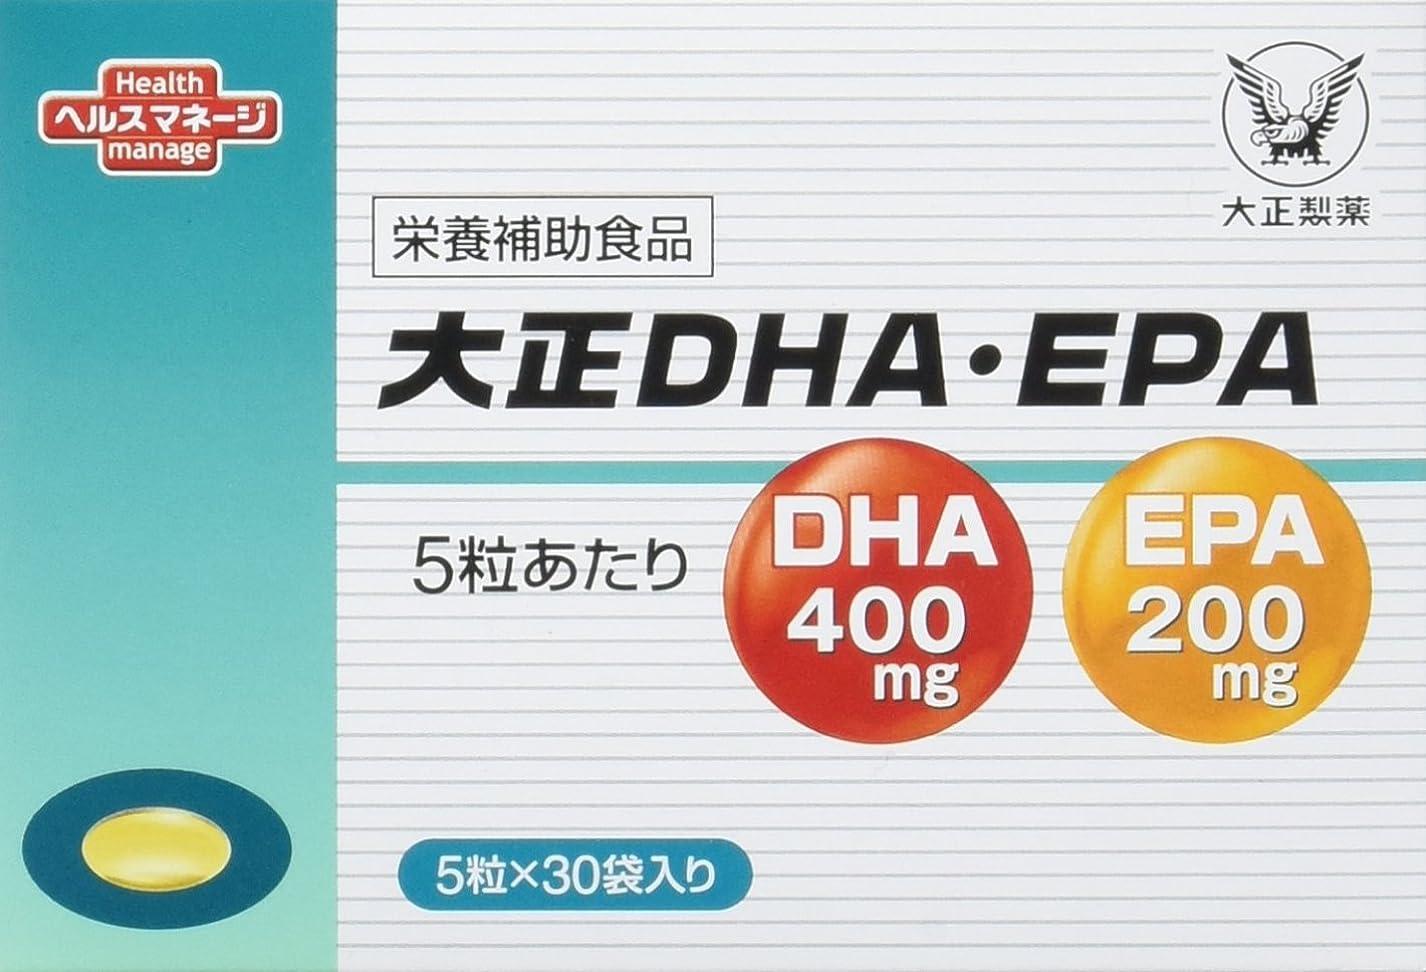 芸術ニックネーム医師大正DHA?EPA